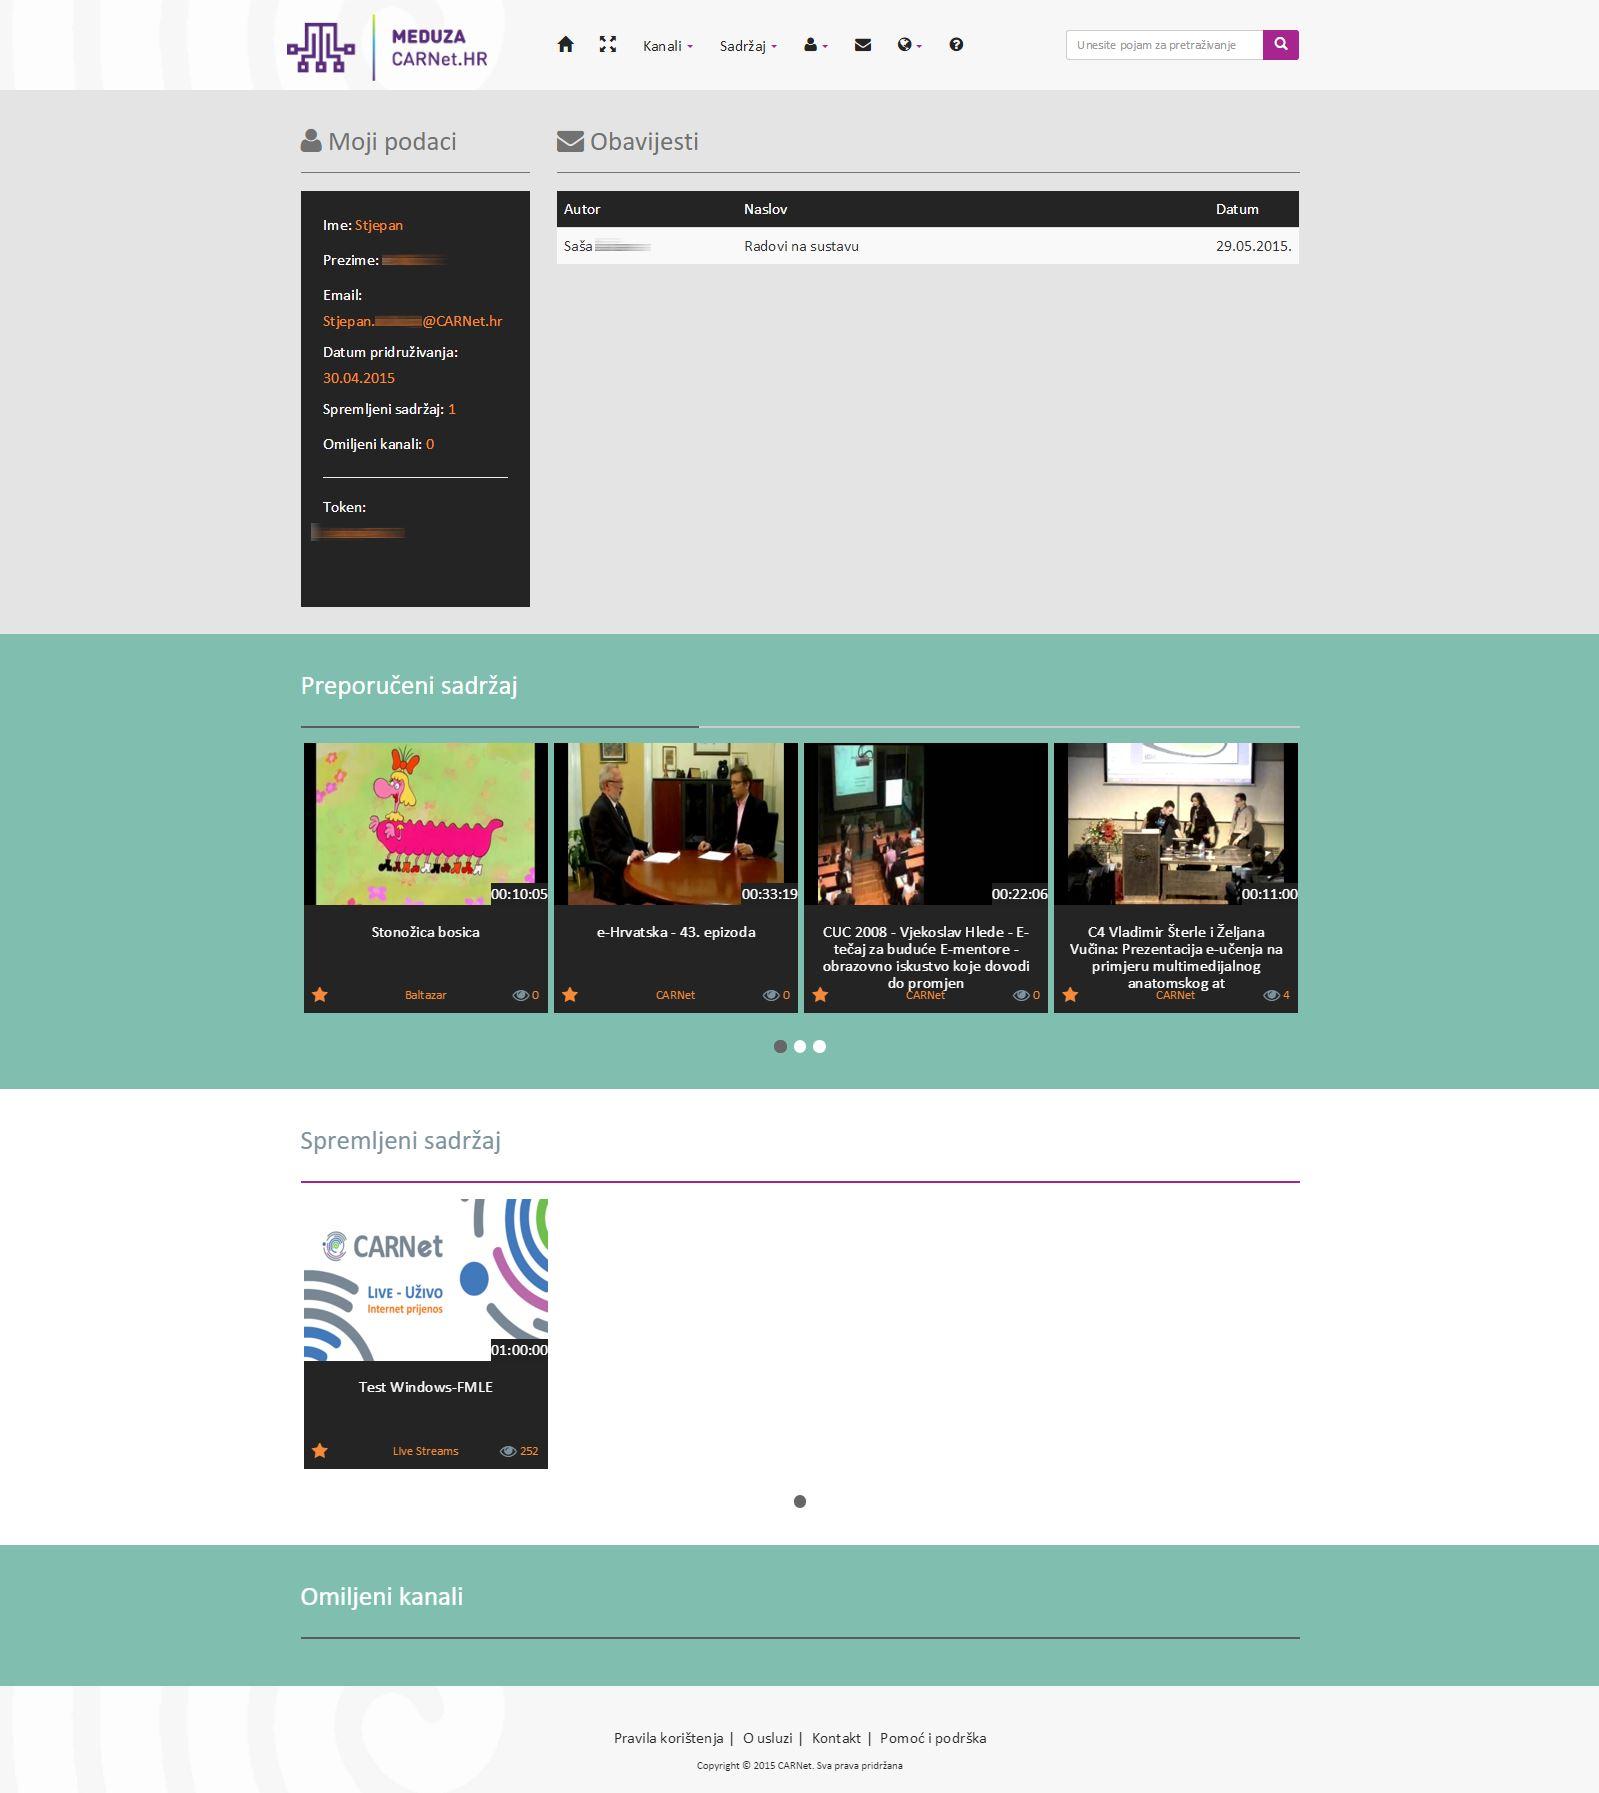 internetske fraze profila druženje balera na lijevanju